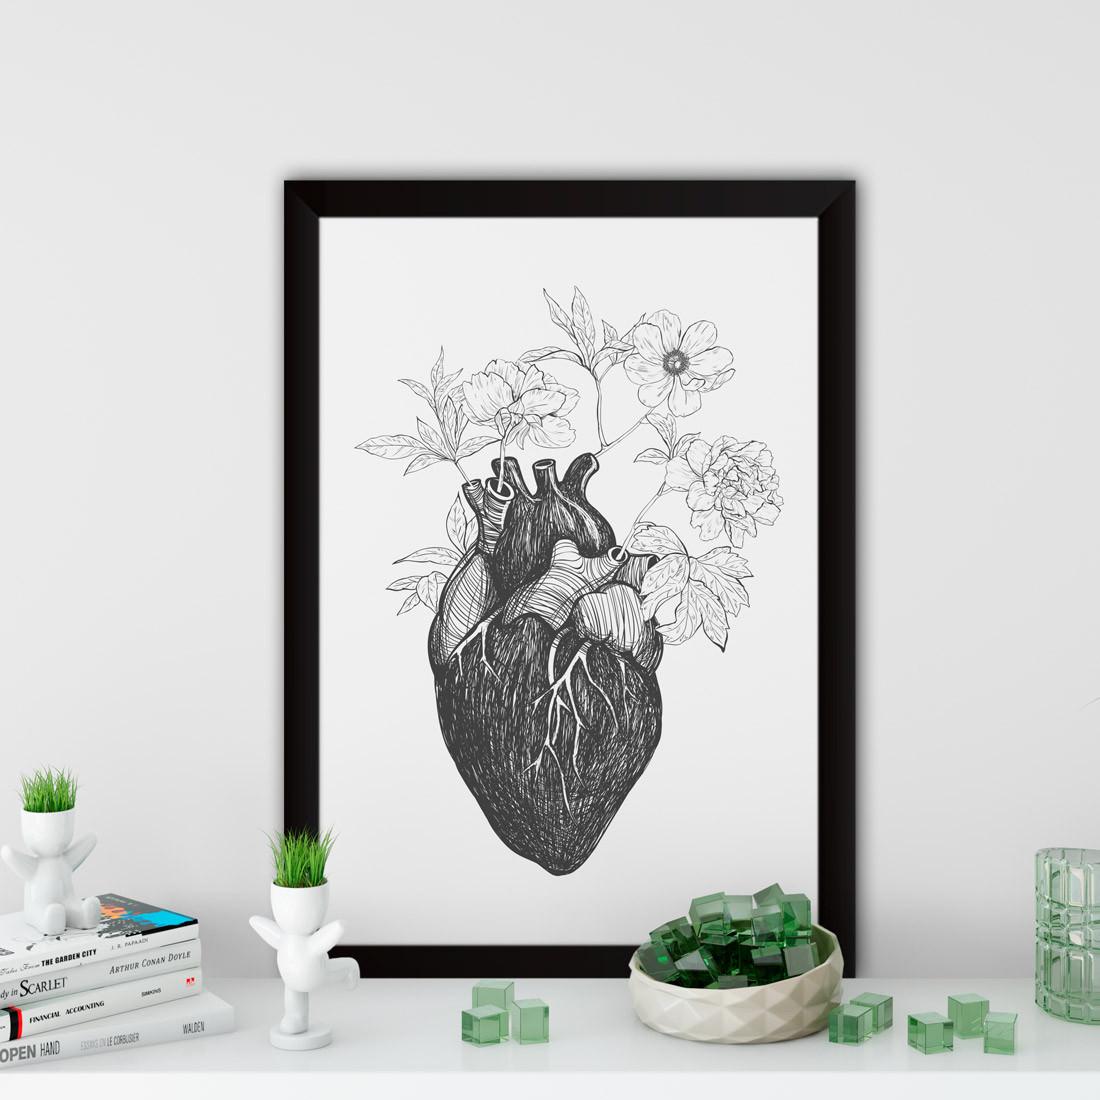 Quadro Decorativo Coração Brotando flores